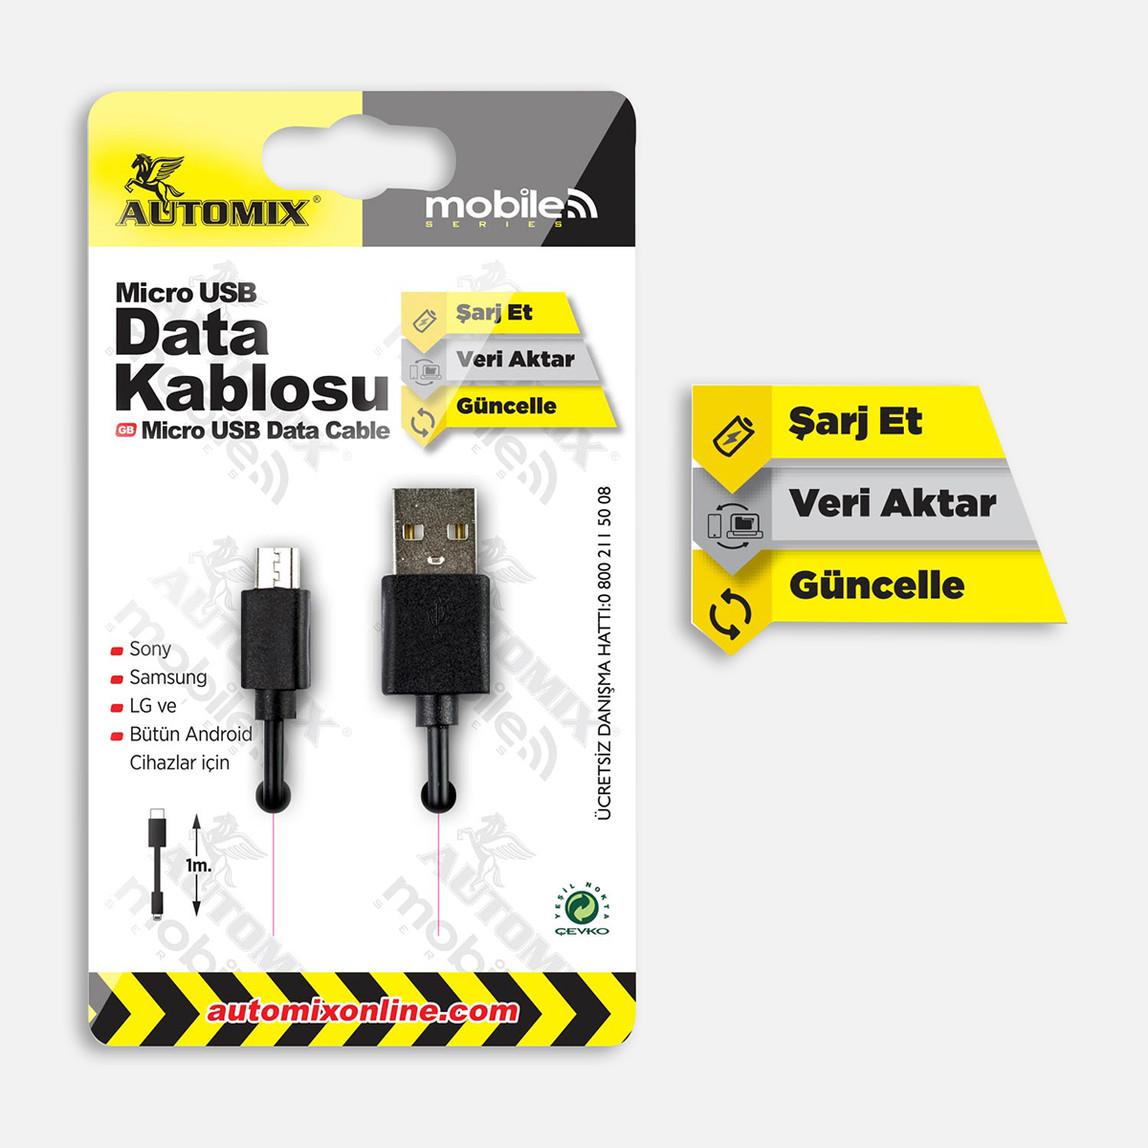 Automix Mıcro Data Kablosu